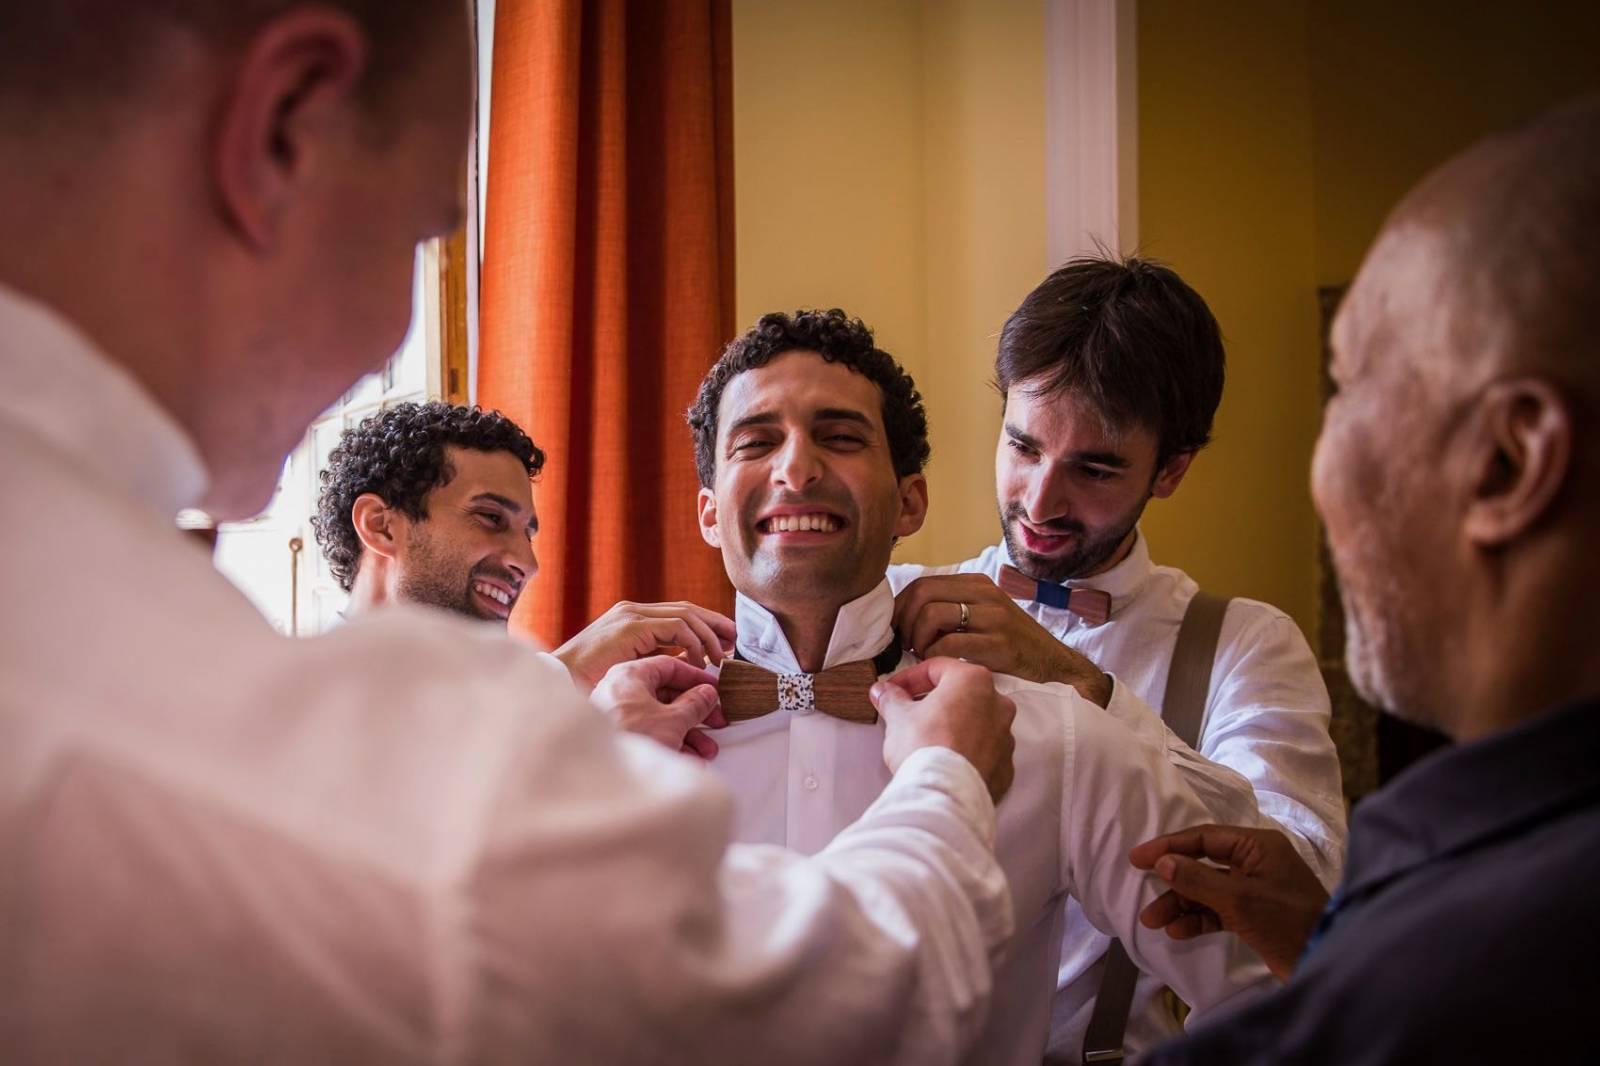 Cinderella Photographie - Trouwen in frankrijk - Huwelijksfotograaf - Trouwfotograaf - House of Weddings - 8